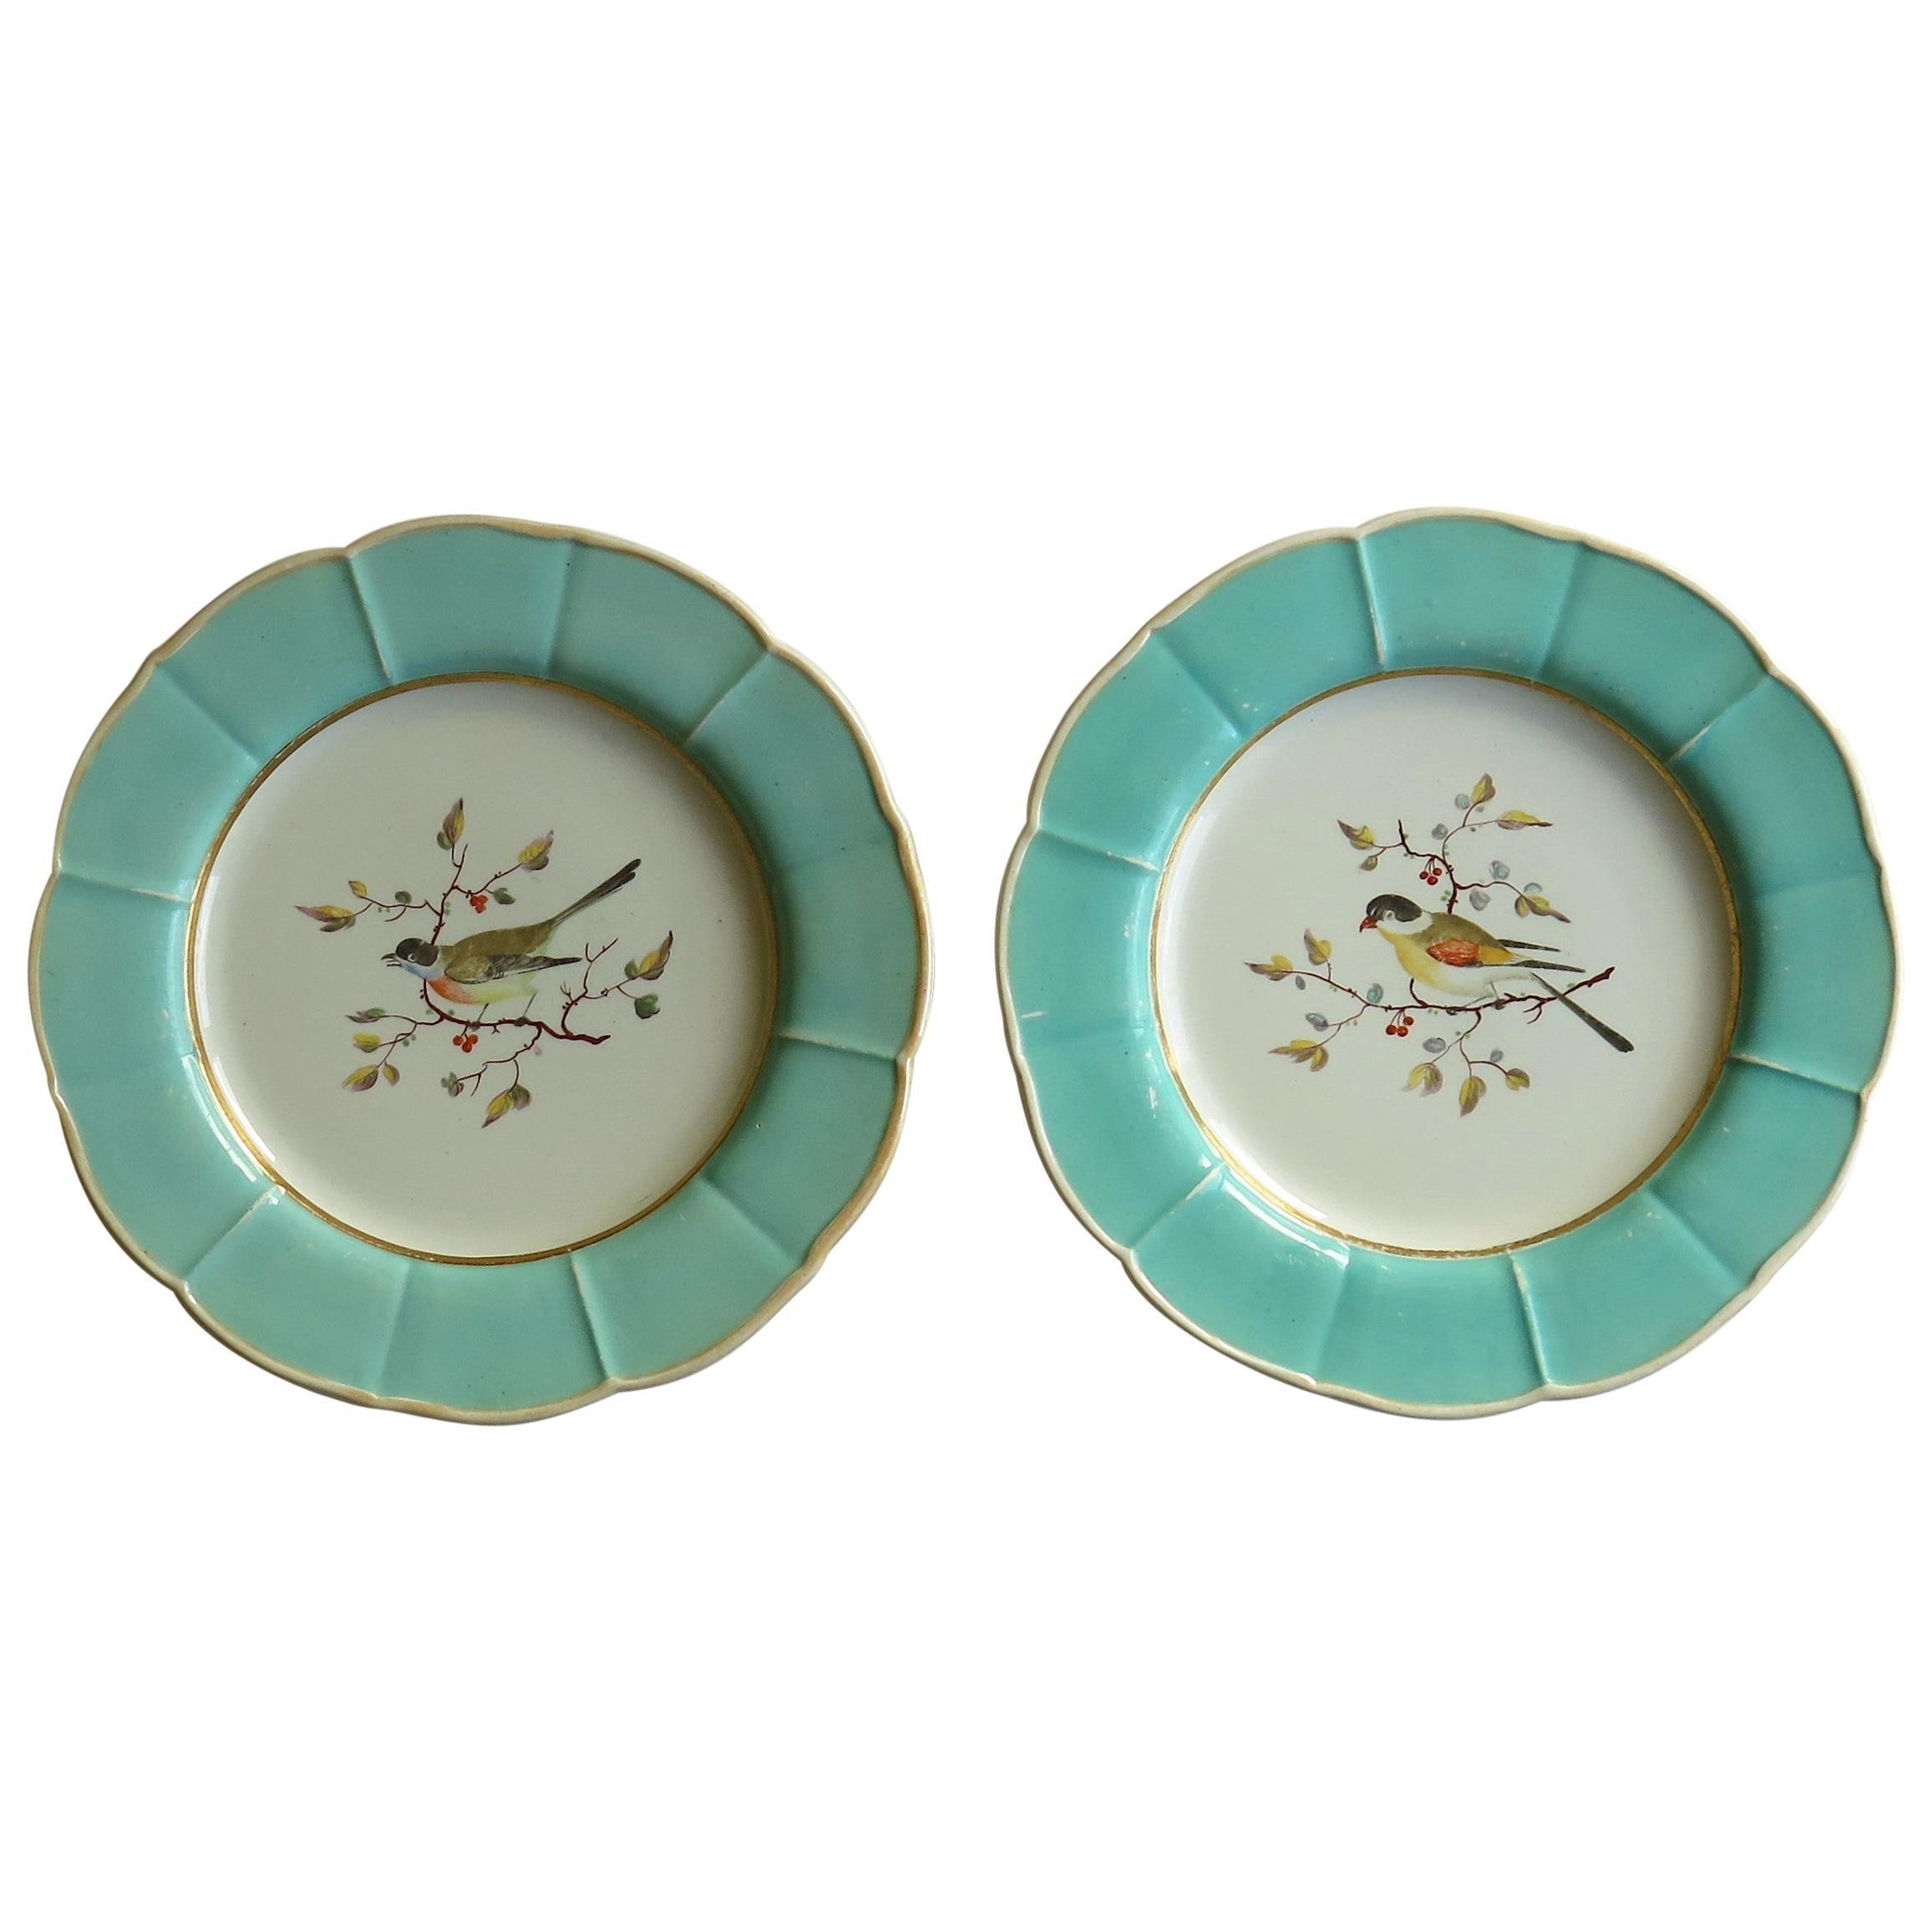 Very Rare Pair of Mason's Ironstone Dinner Plates Hand Painted Birds, circa 1818